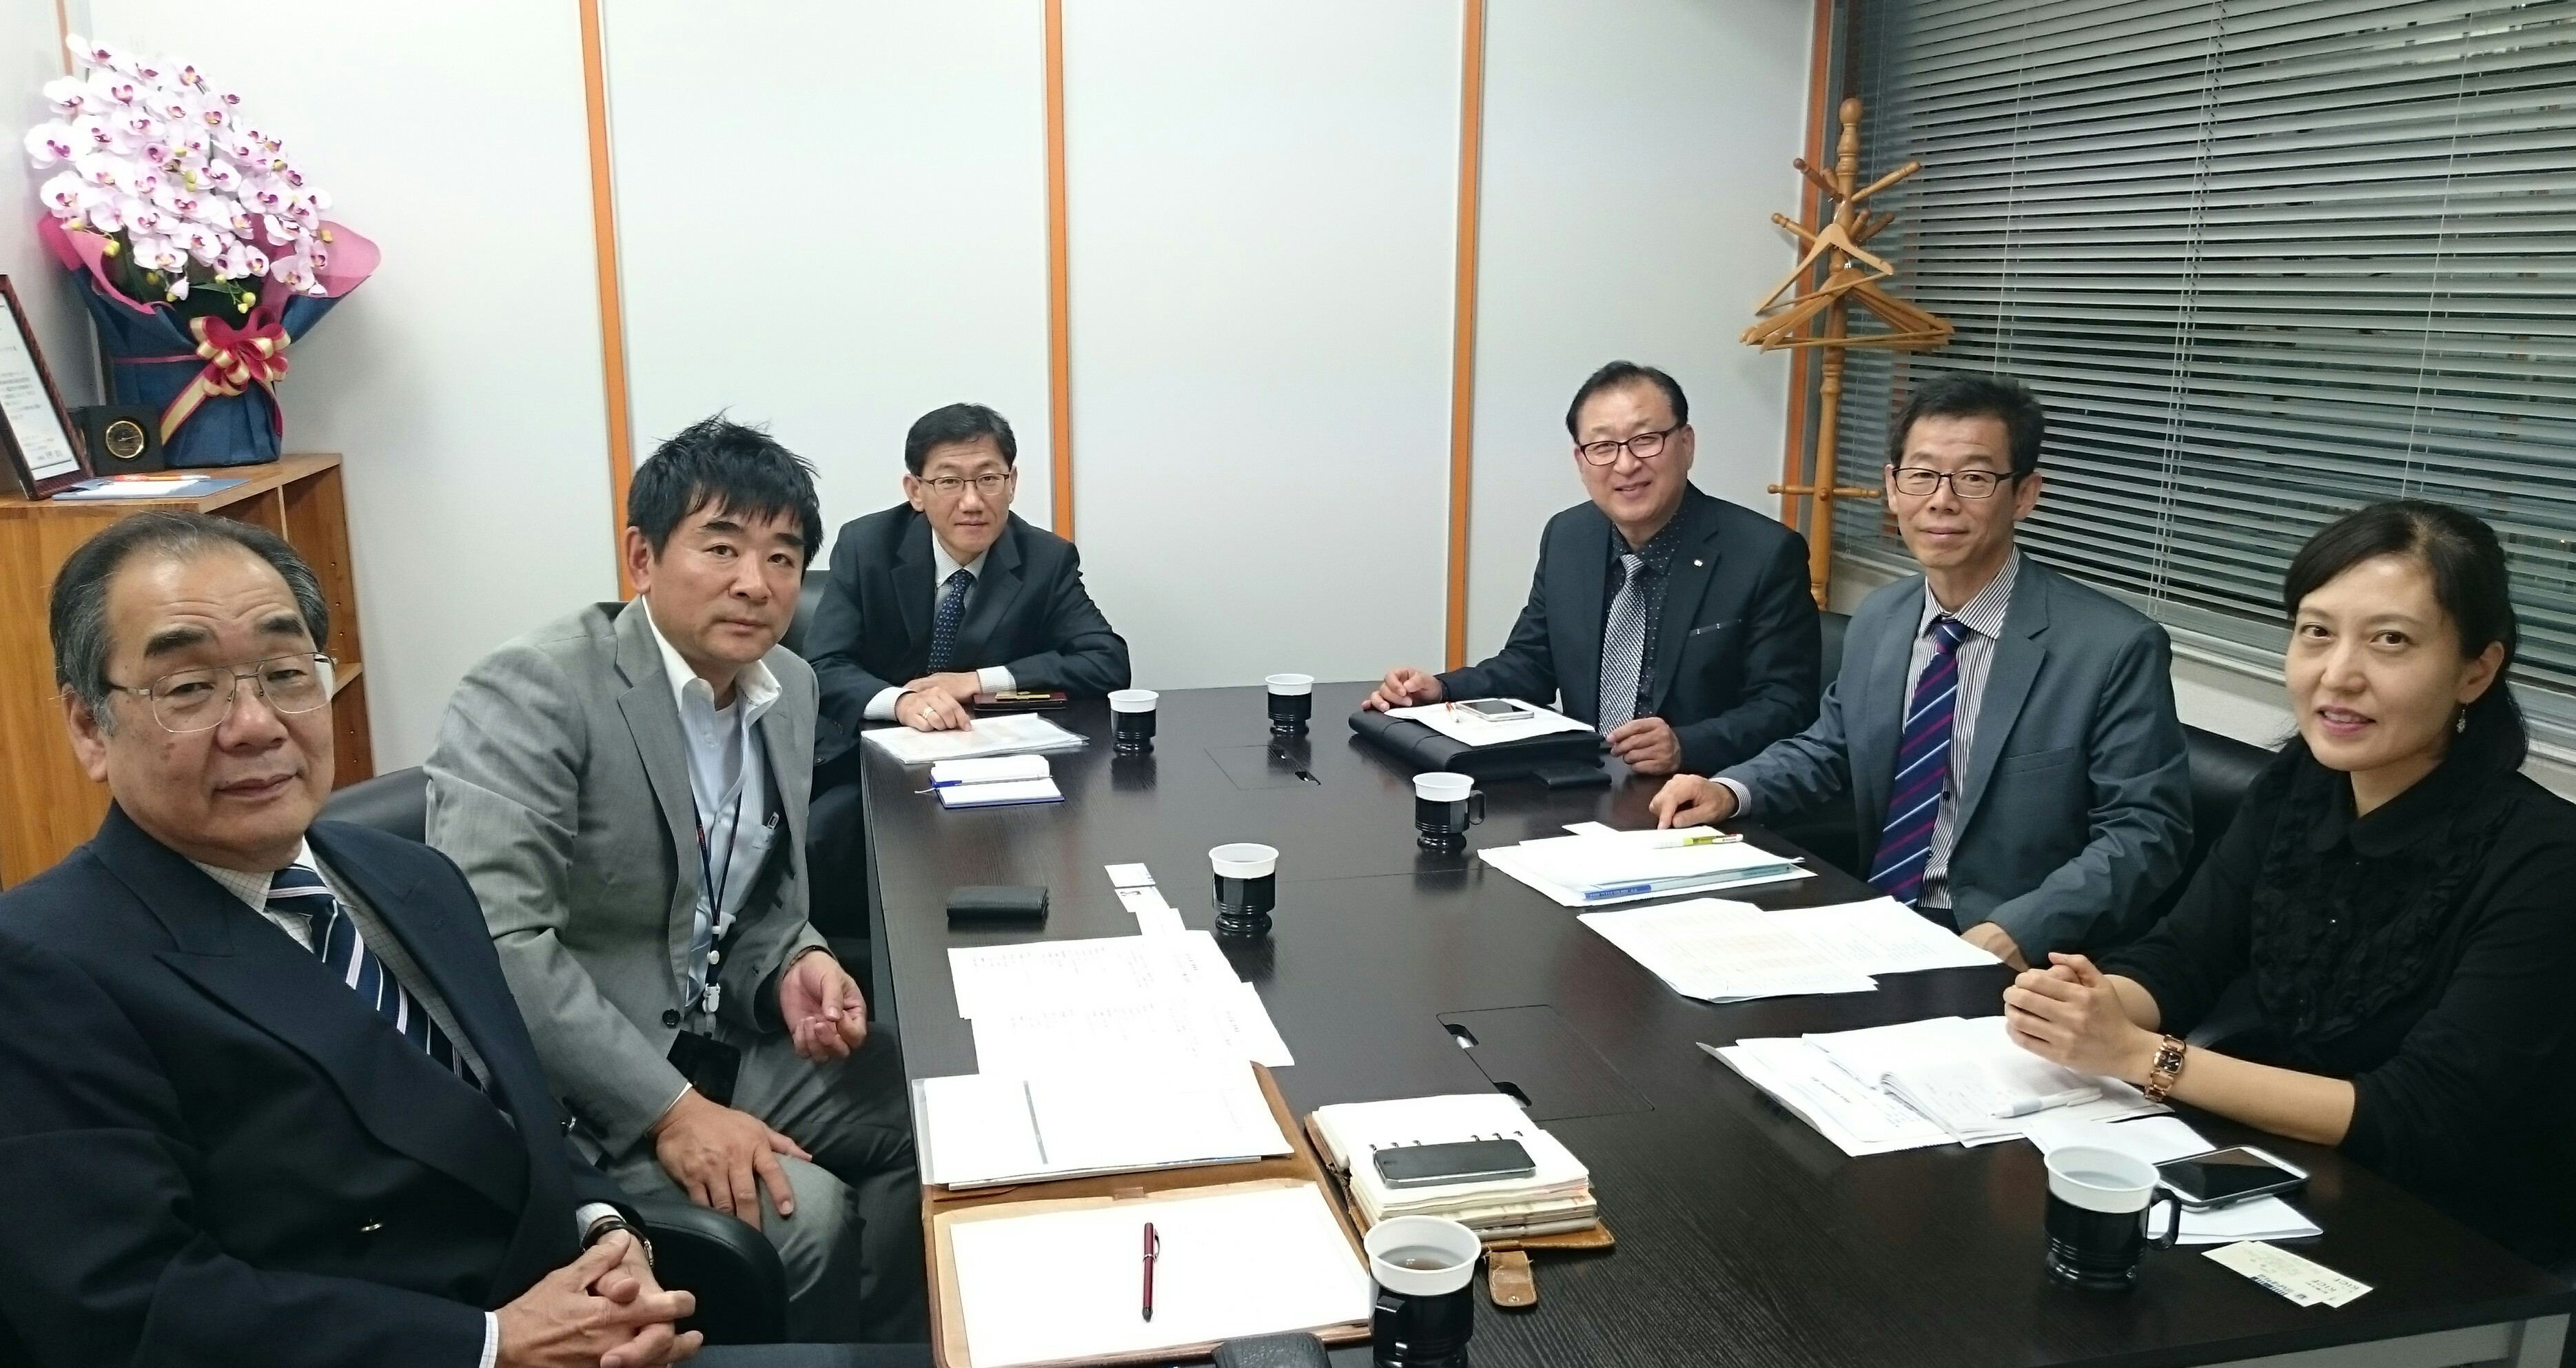 江南大学、韓国職員の方と採用の打合せを行いました。